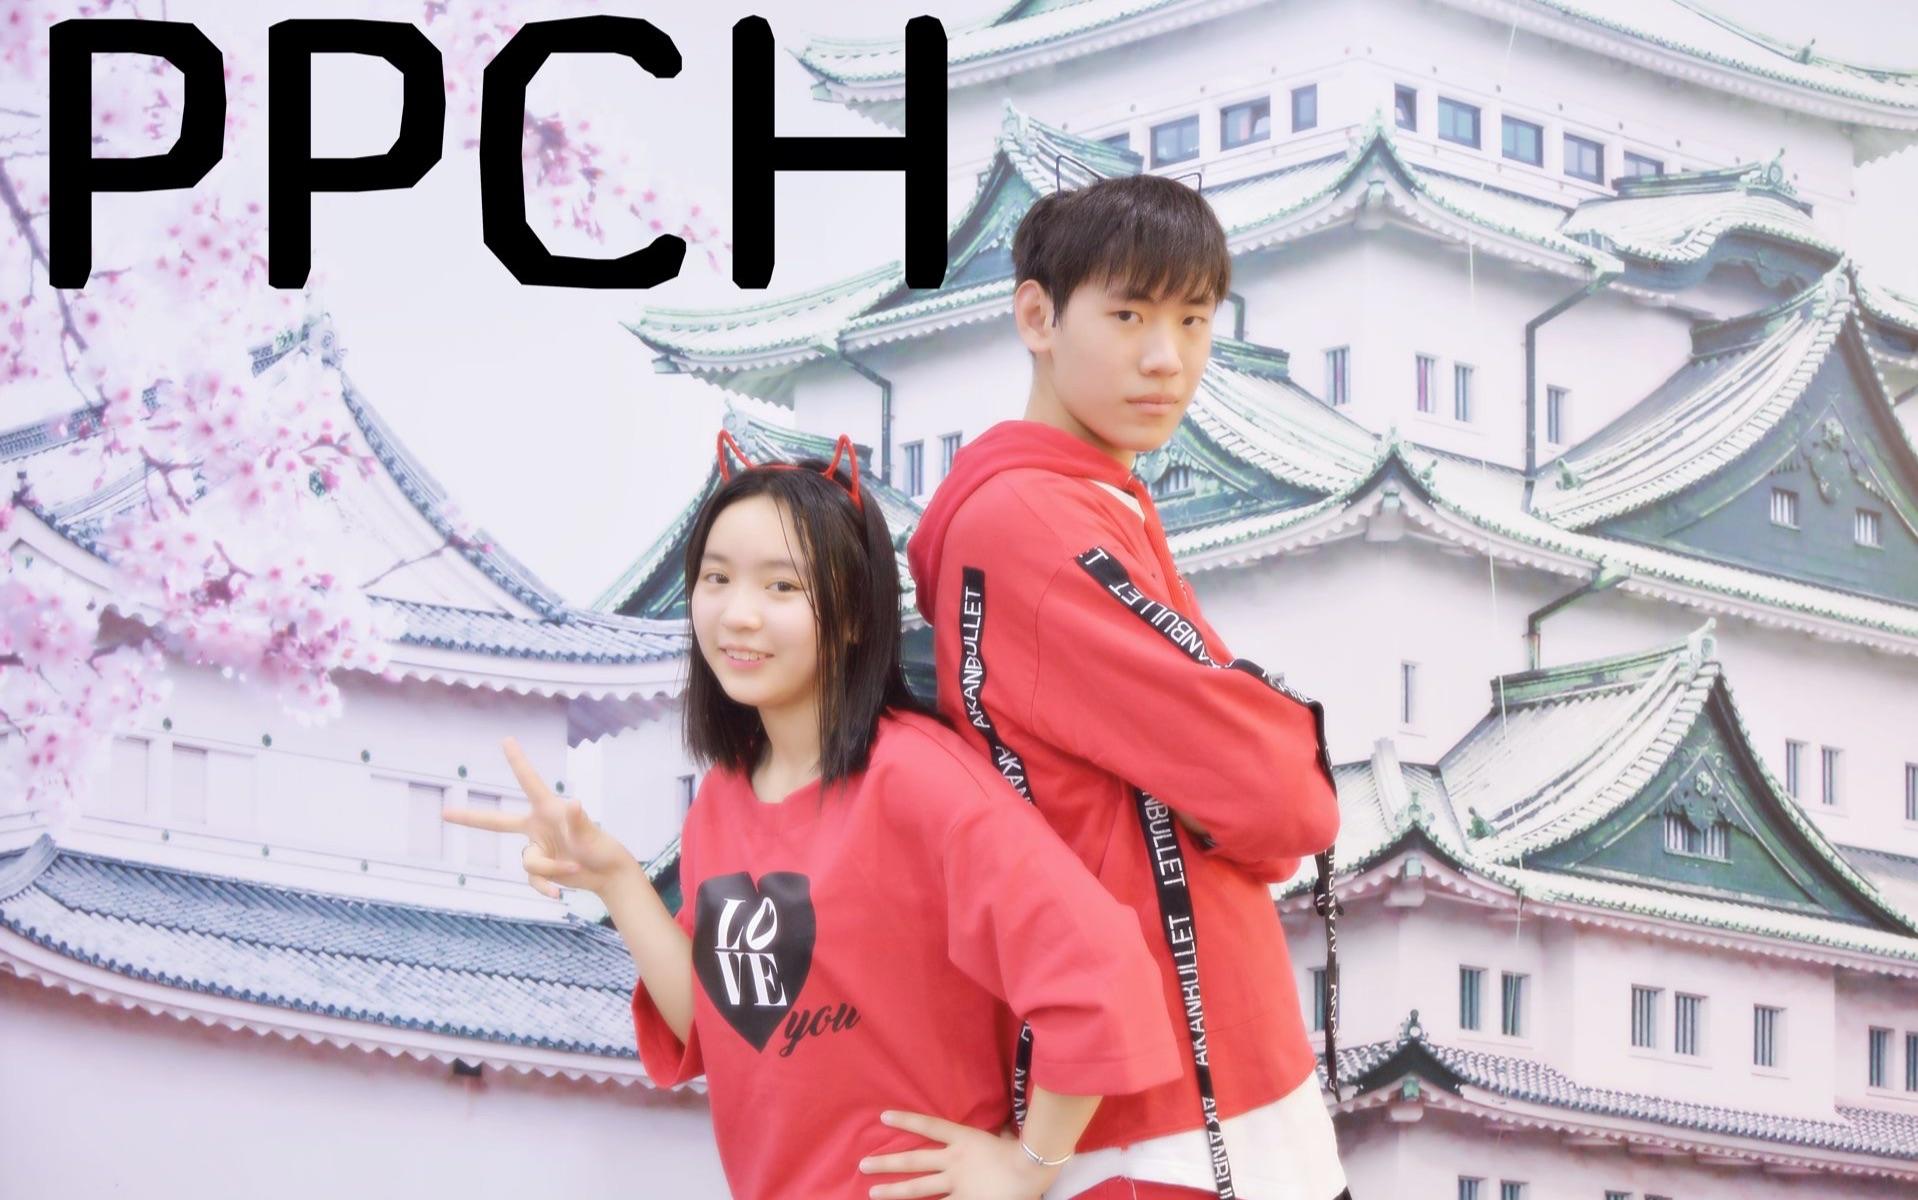 【番茄炒雞蛋】PPCH/ニチレイ本格炒め炒飯CM_嗶哩嗶哩 (゜-゜)つロ 干杯~-bilibili